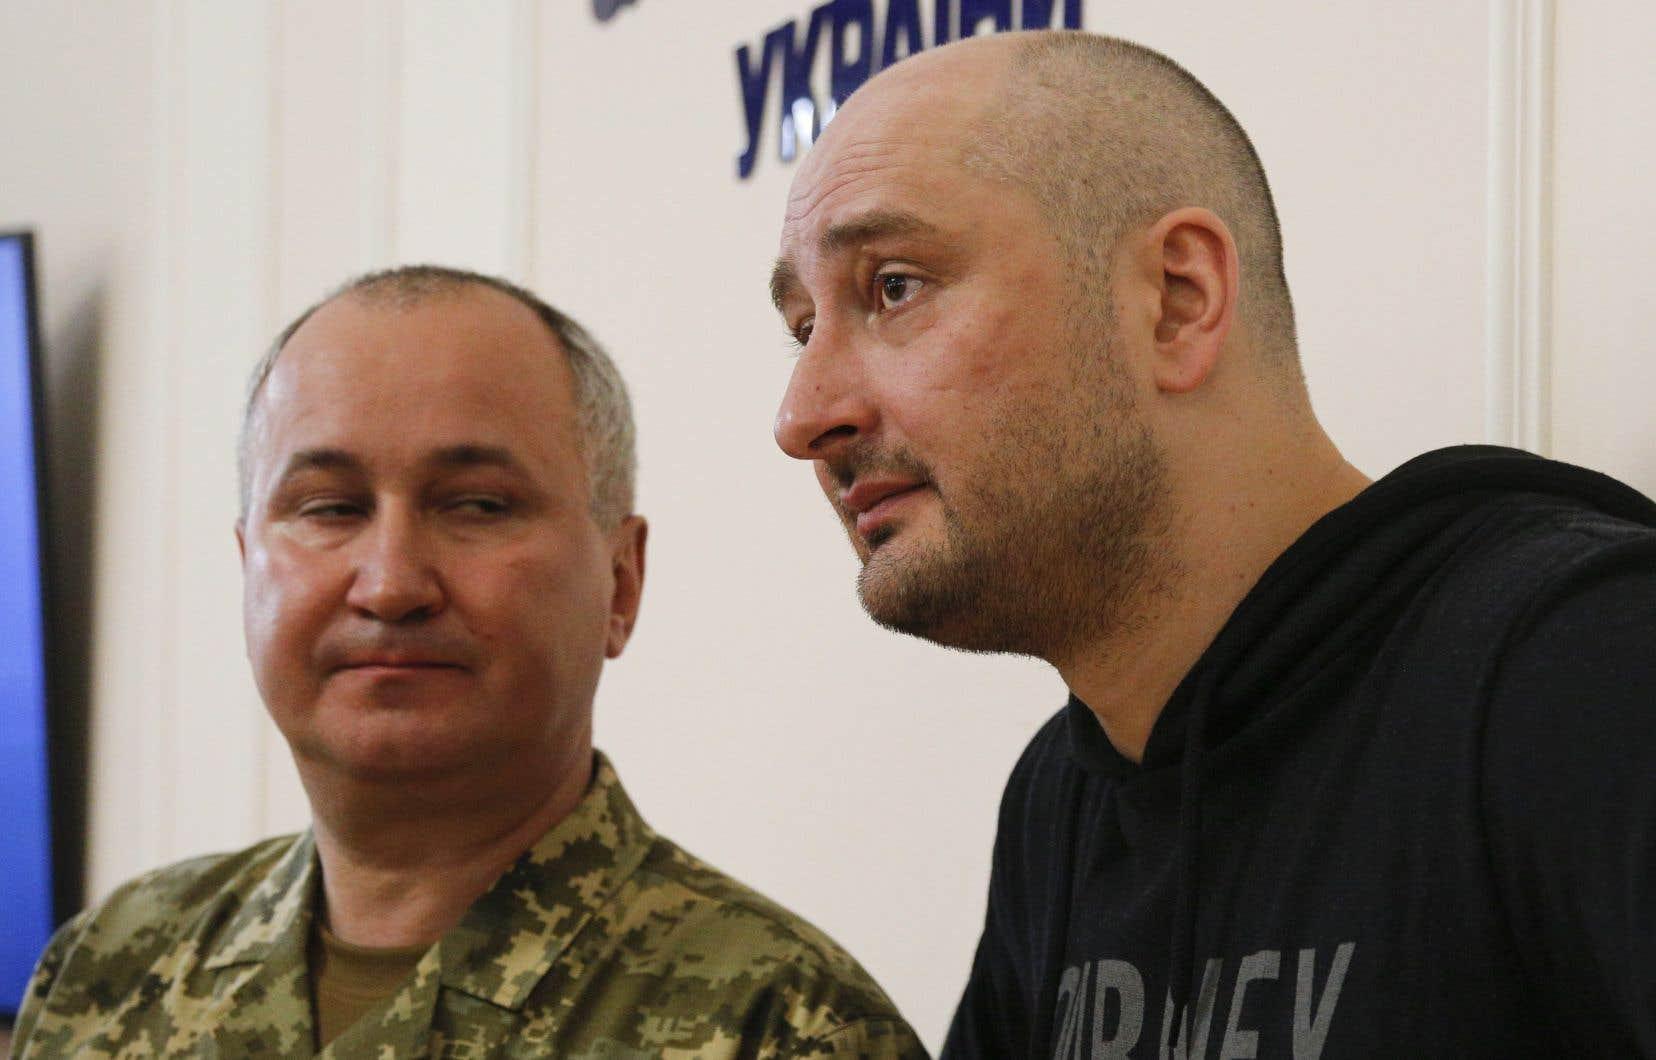 Le journaliste russe Arkadi Babtchenko est apparu devant la presse mercredi. On le voit ici aux côtés du chef des services ukrainiens de sécurité (SBU), Vassyl Grytsak.